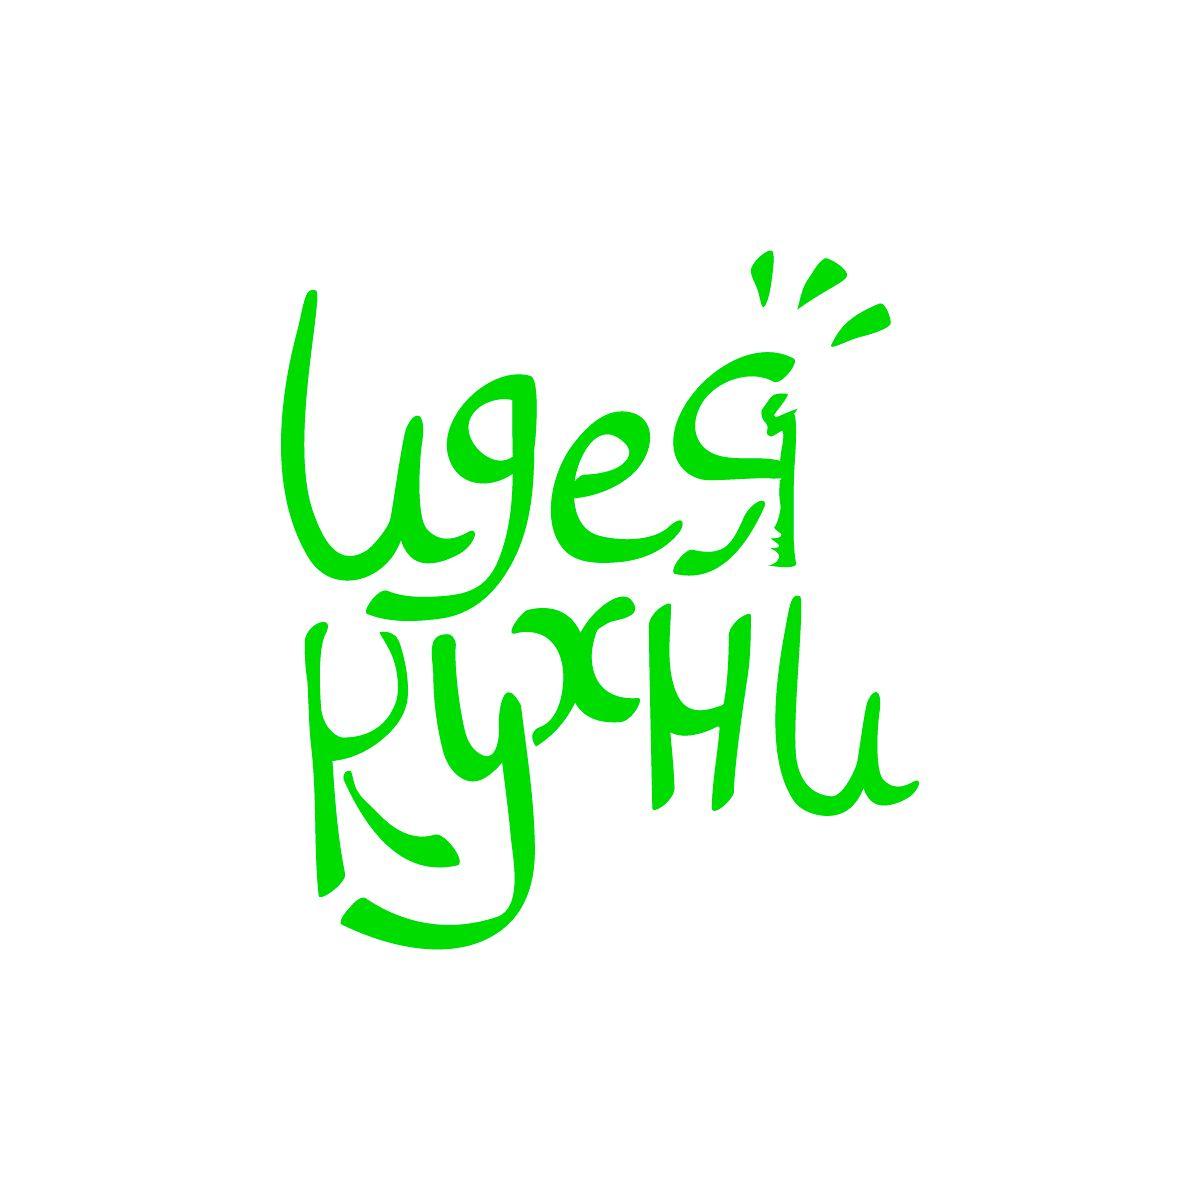 Логотип для Идея кухни - дизайнер CloudyPath